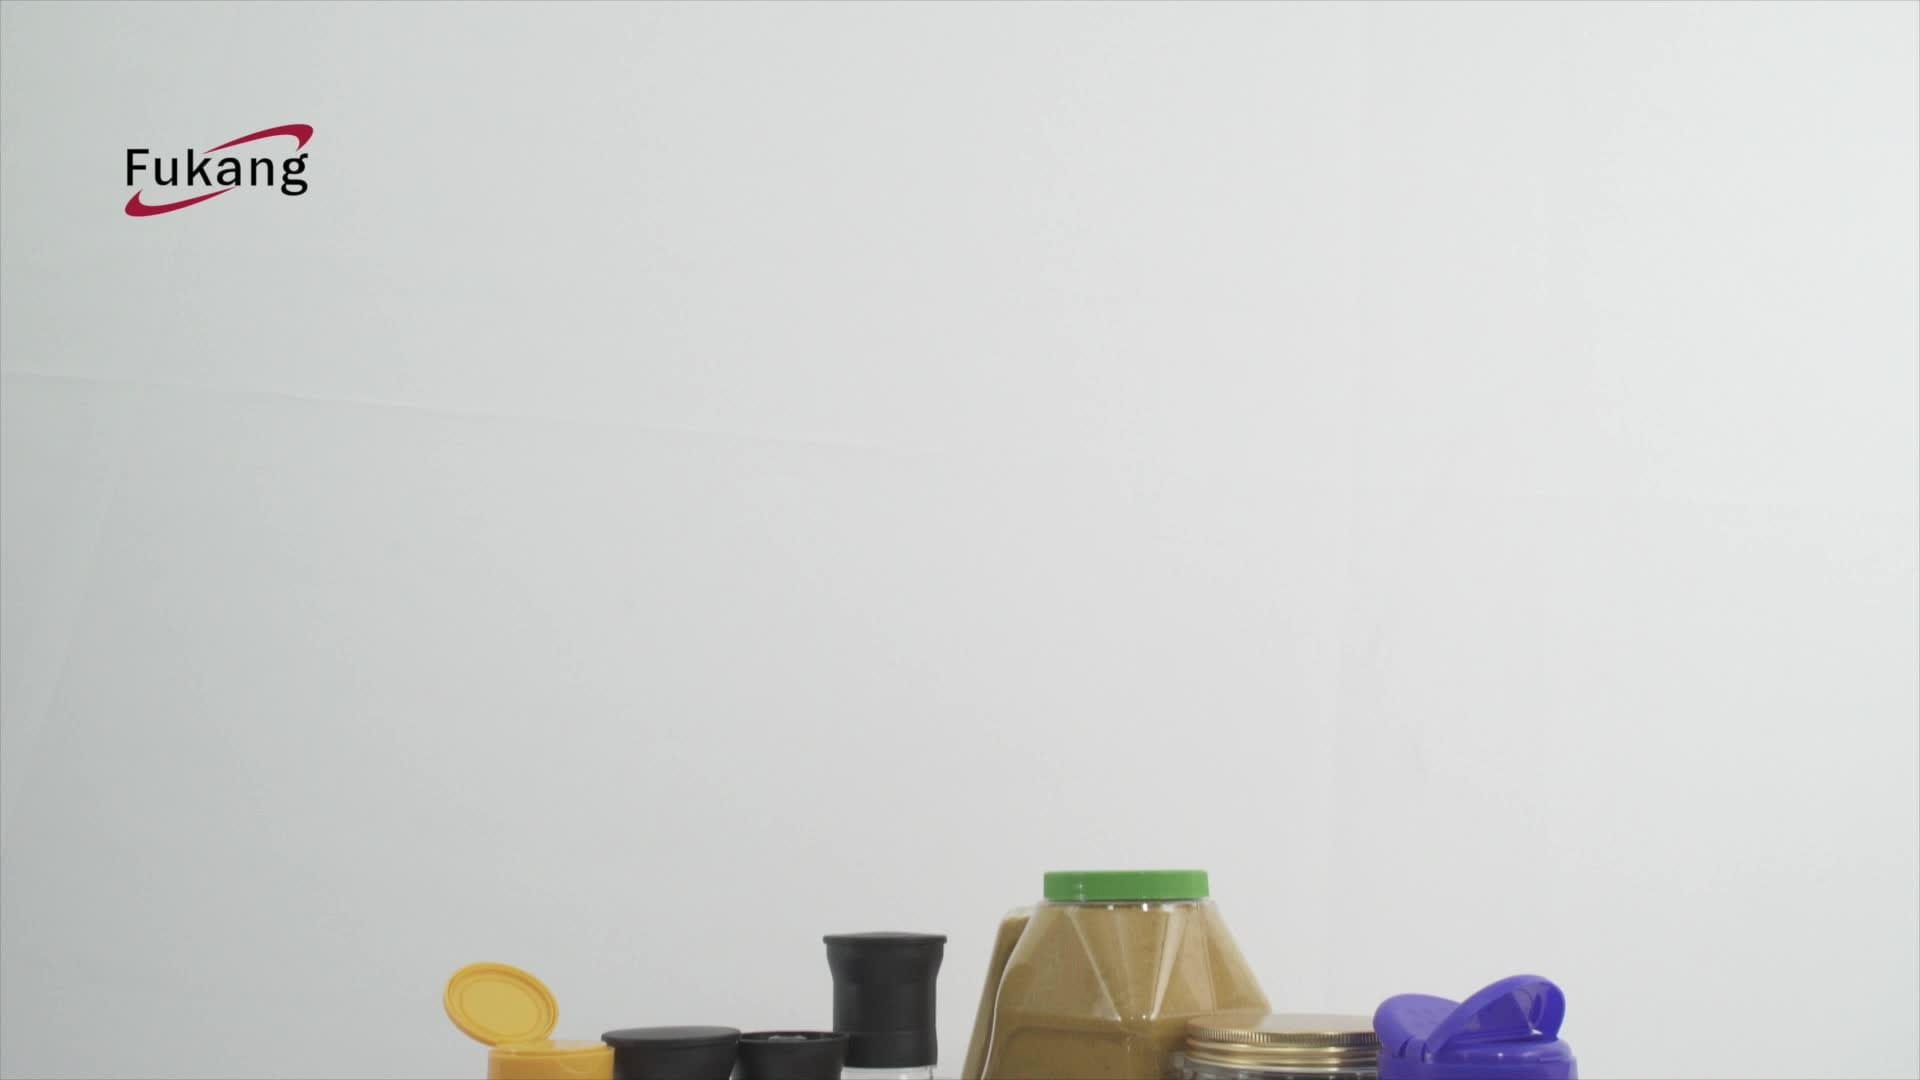 ホーム用プラスチック塩 & コショウグラインダーセット